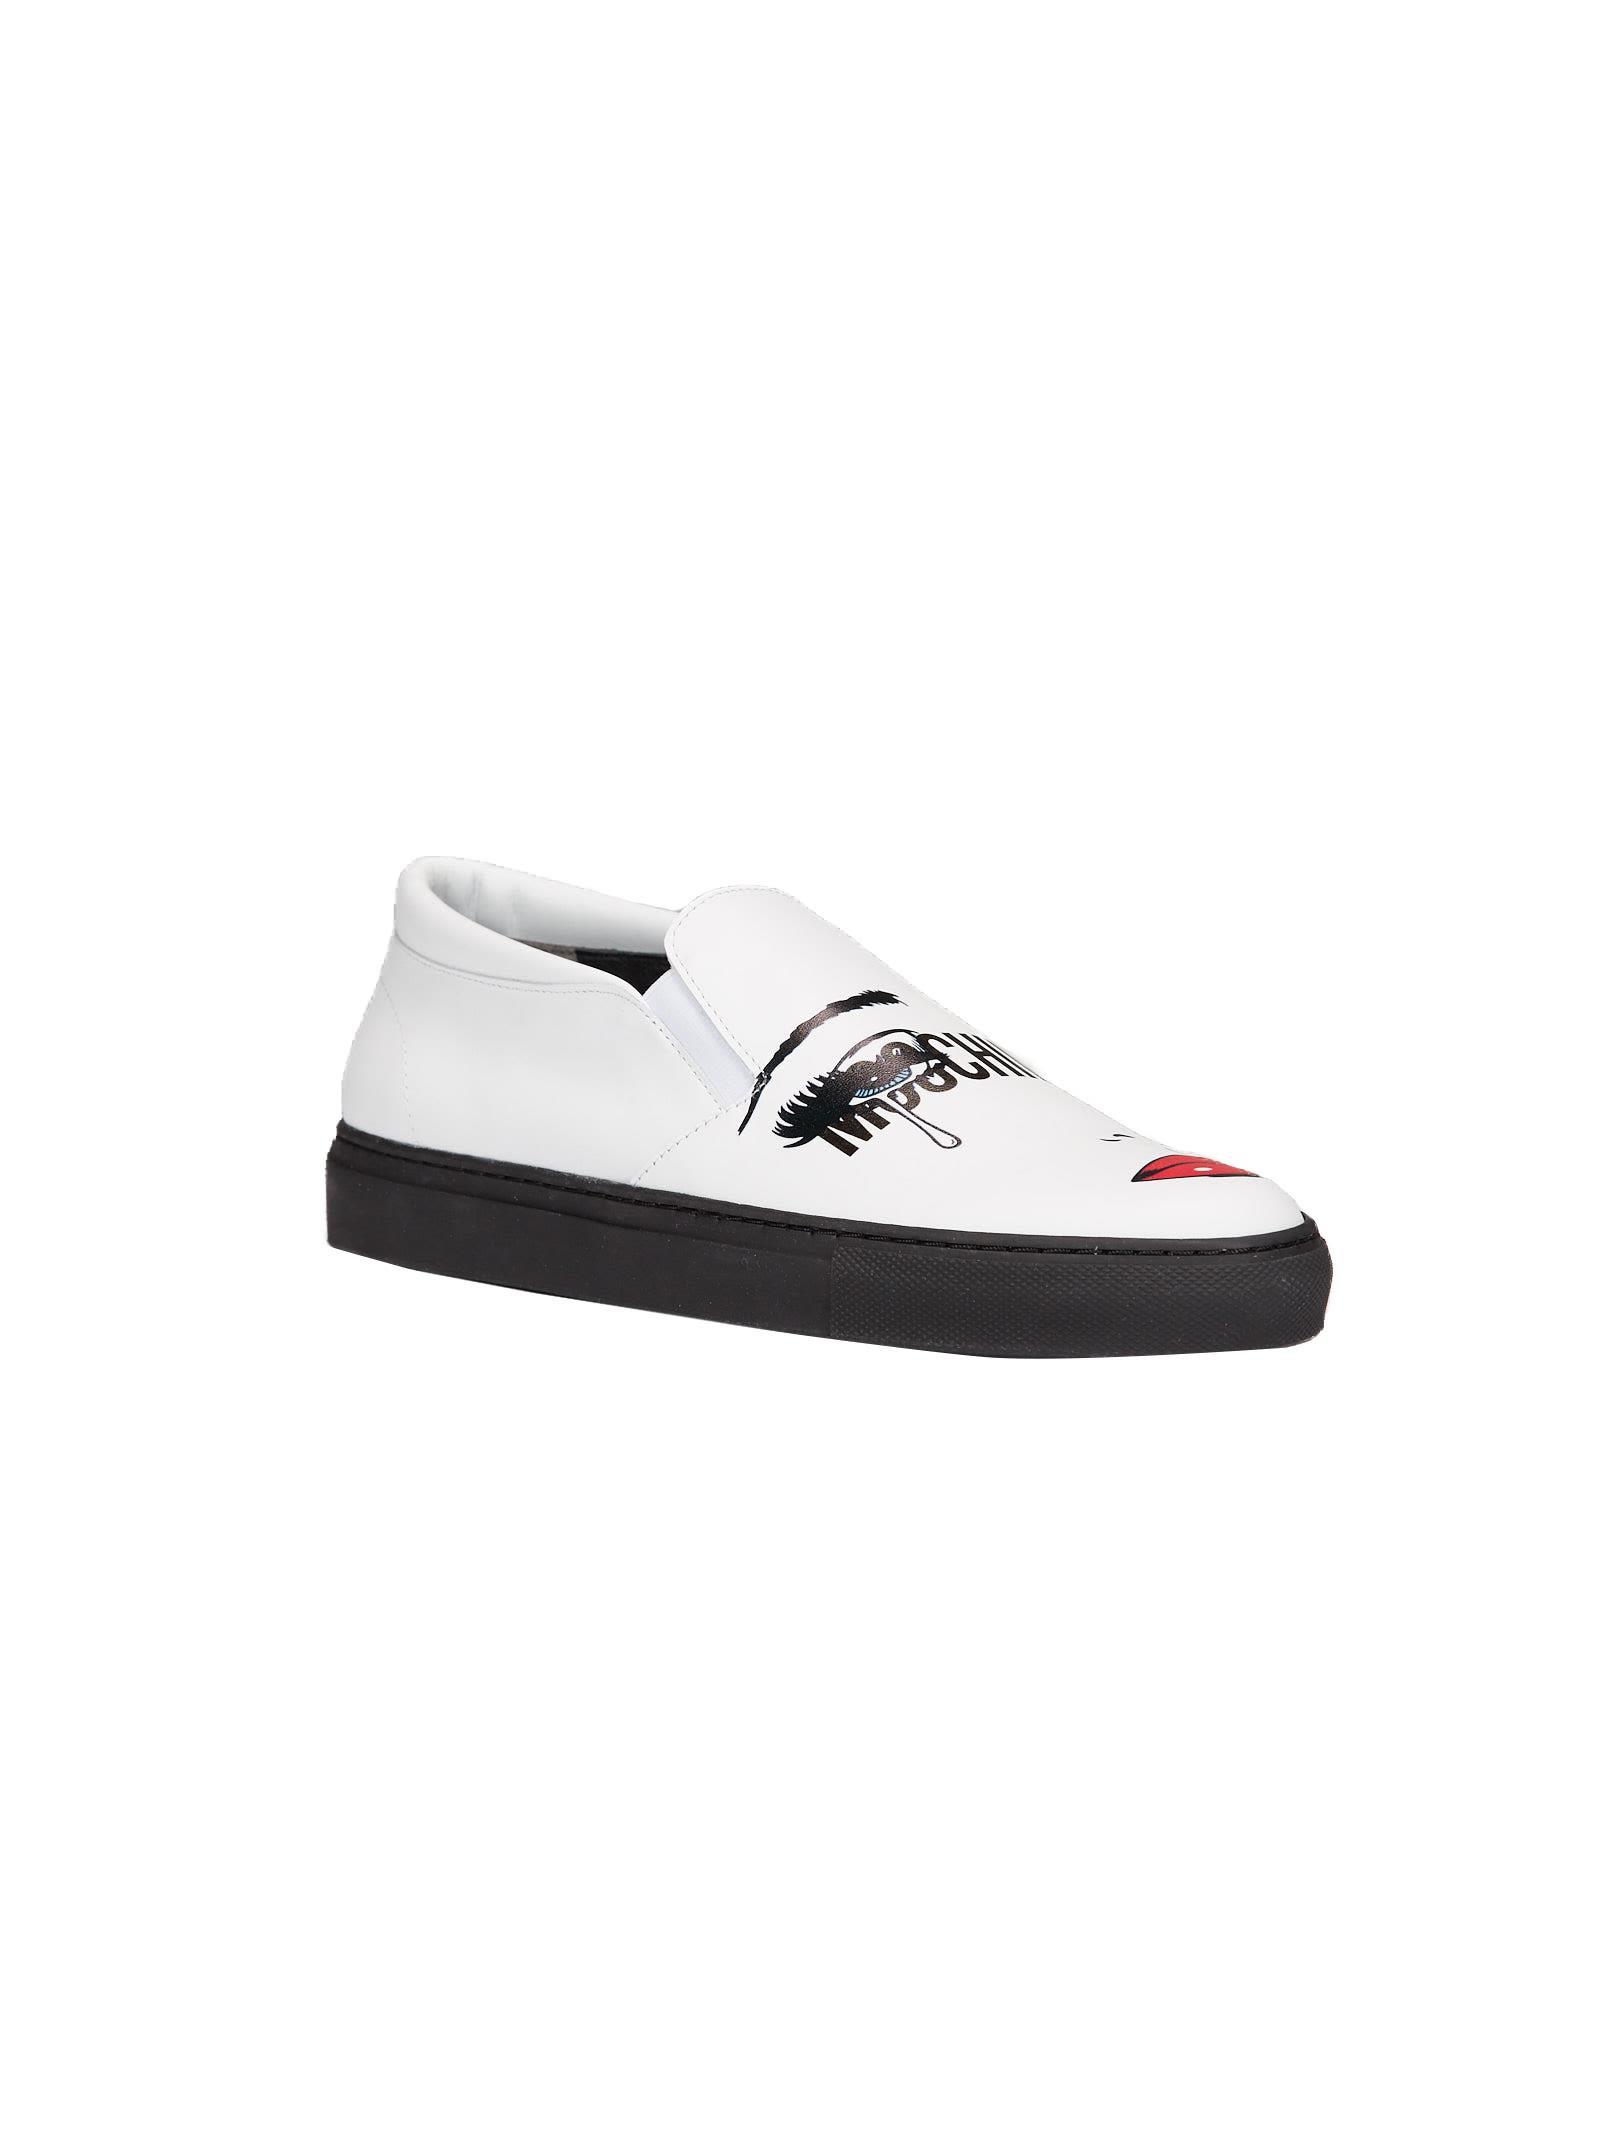 pop art print slip-on sneakers - White Moschino liWUc